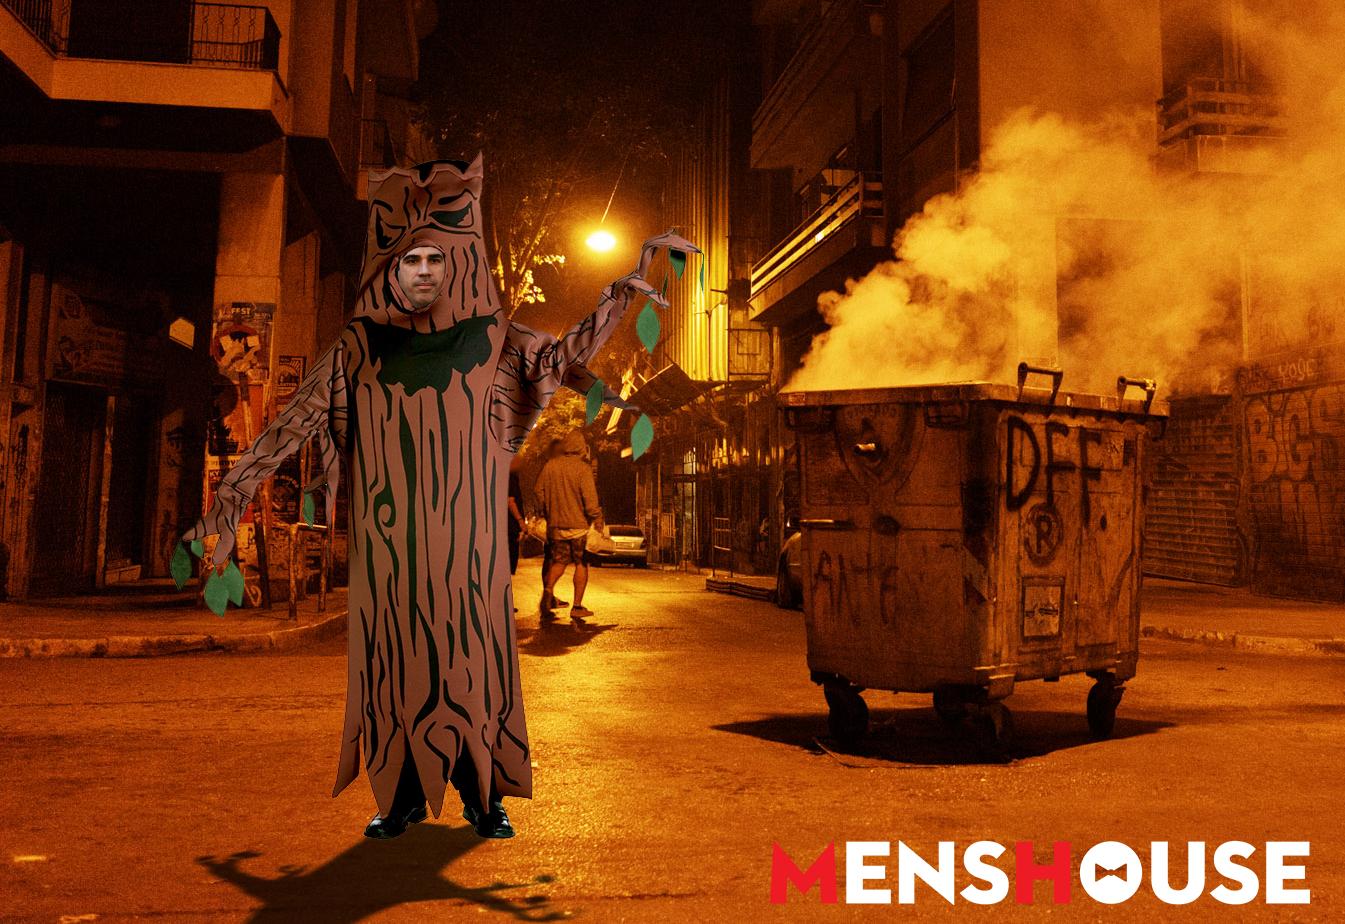 Φωτό-ντοκουμέντο: Κομάντο Πλεύρης πηγαίνει μεταμφιεσμένος Εξάρχεια το βράδυ και κλείνει στόματα (Pics)